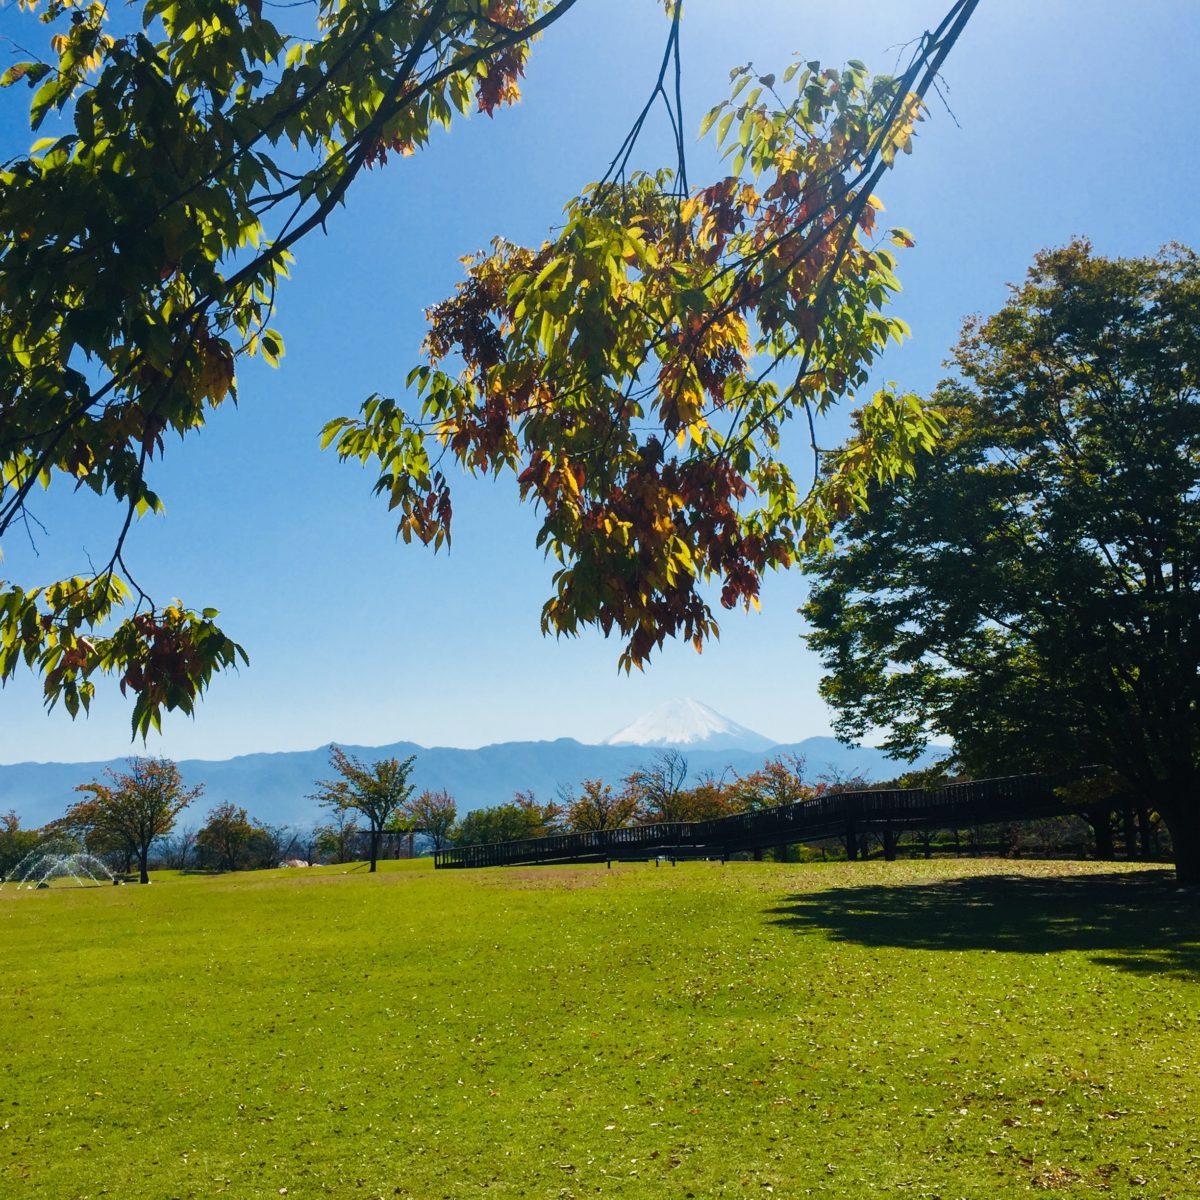 赤坂台総合公園からみる秋の富士山